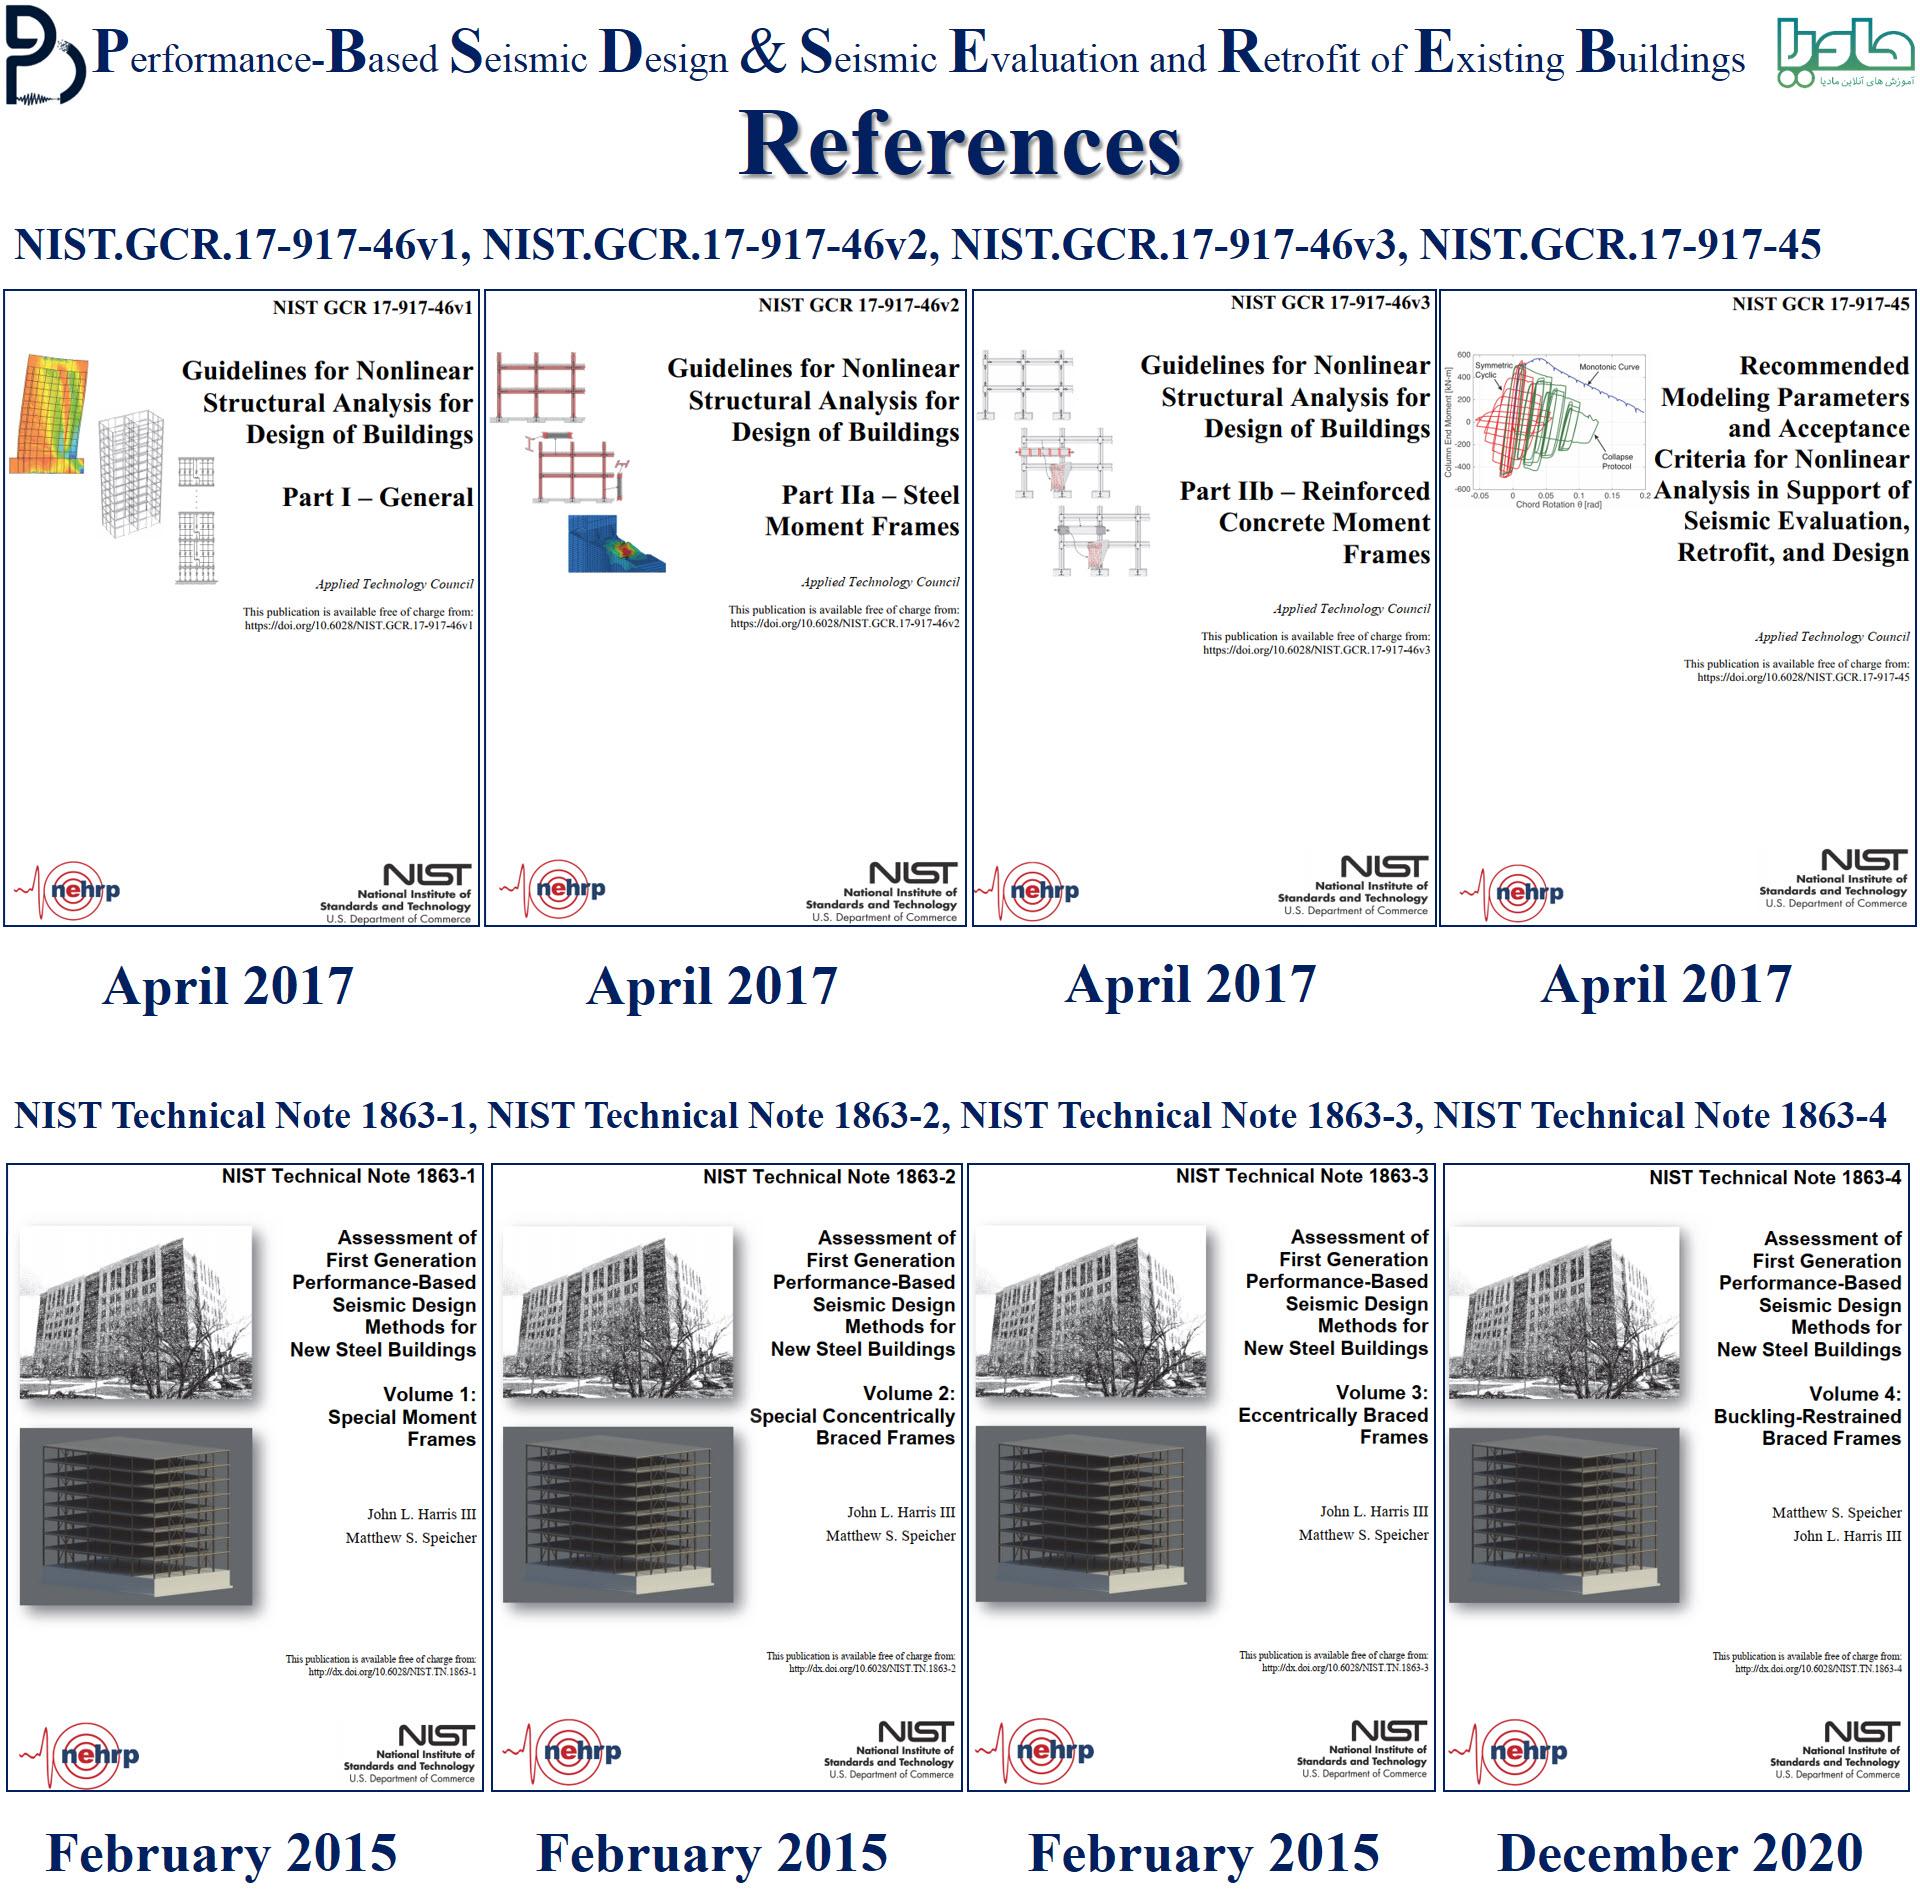 آخرین تحقیقات NIST در زمینه طراحی عملکردی و بهسازی لرزه ای